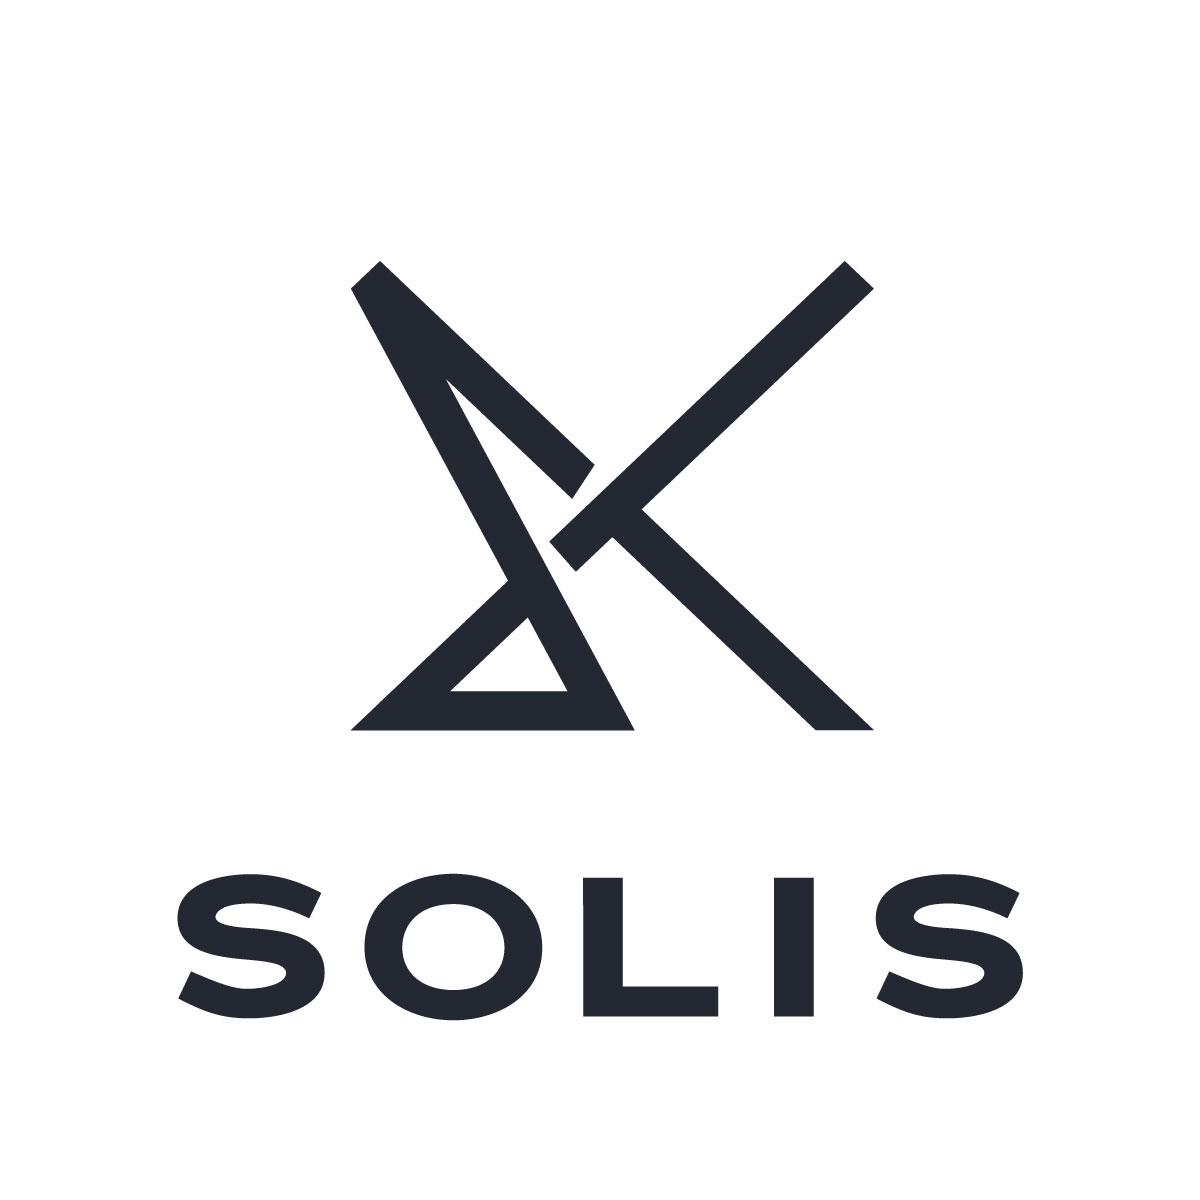 Solis-logo-DARK.jpg